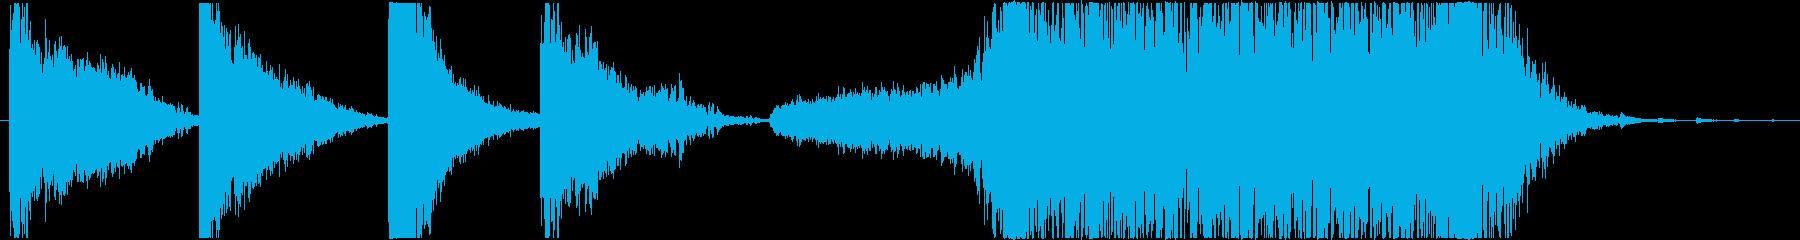 暗い・不気味~打楽器-予告編/トレーラーの再生済みの波形